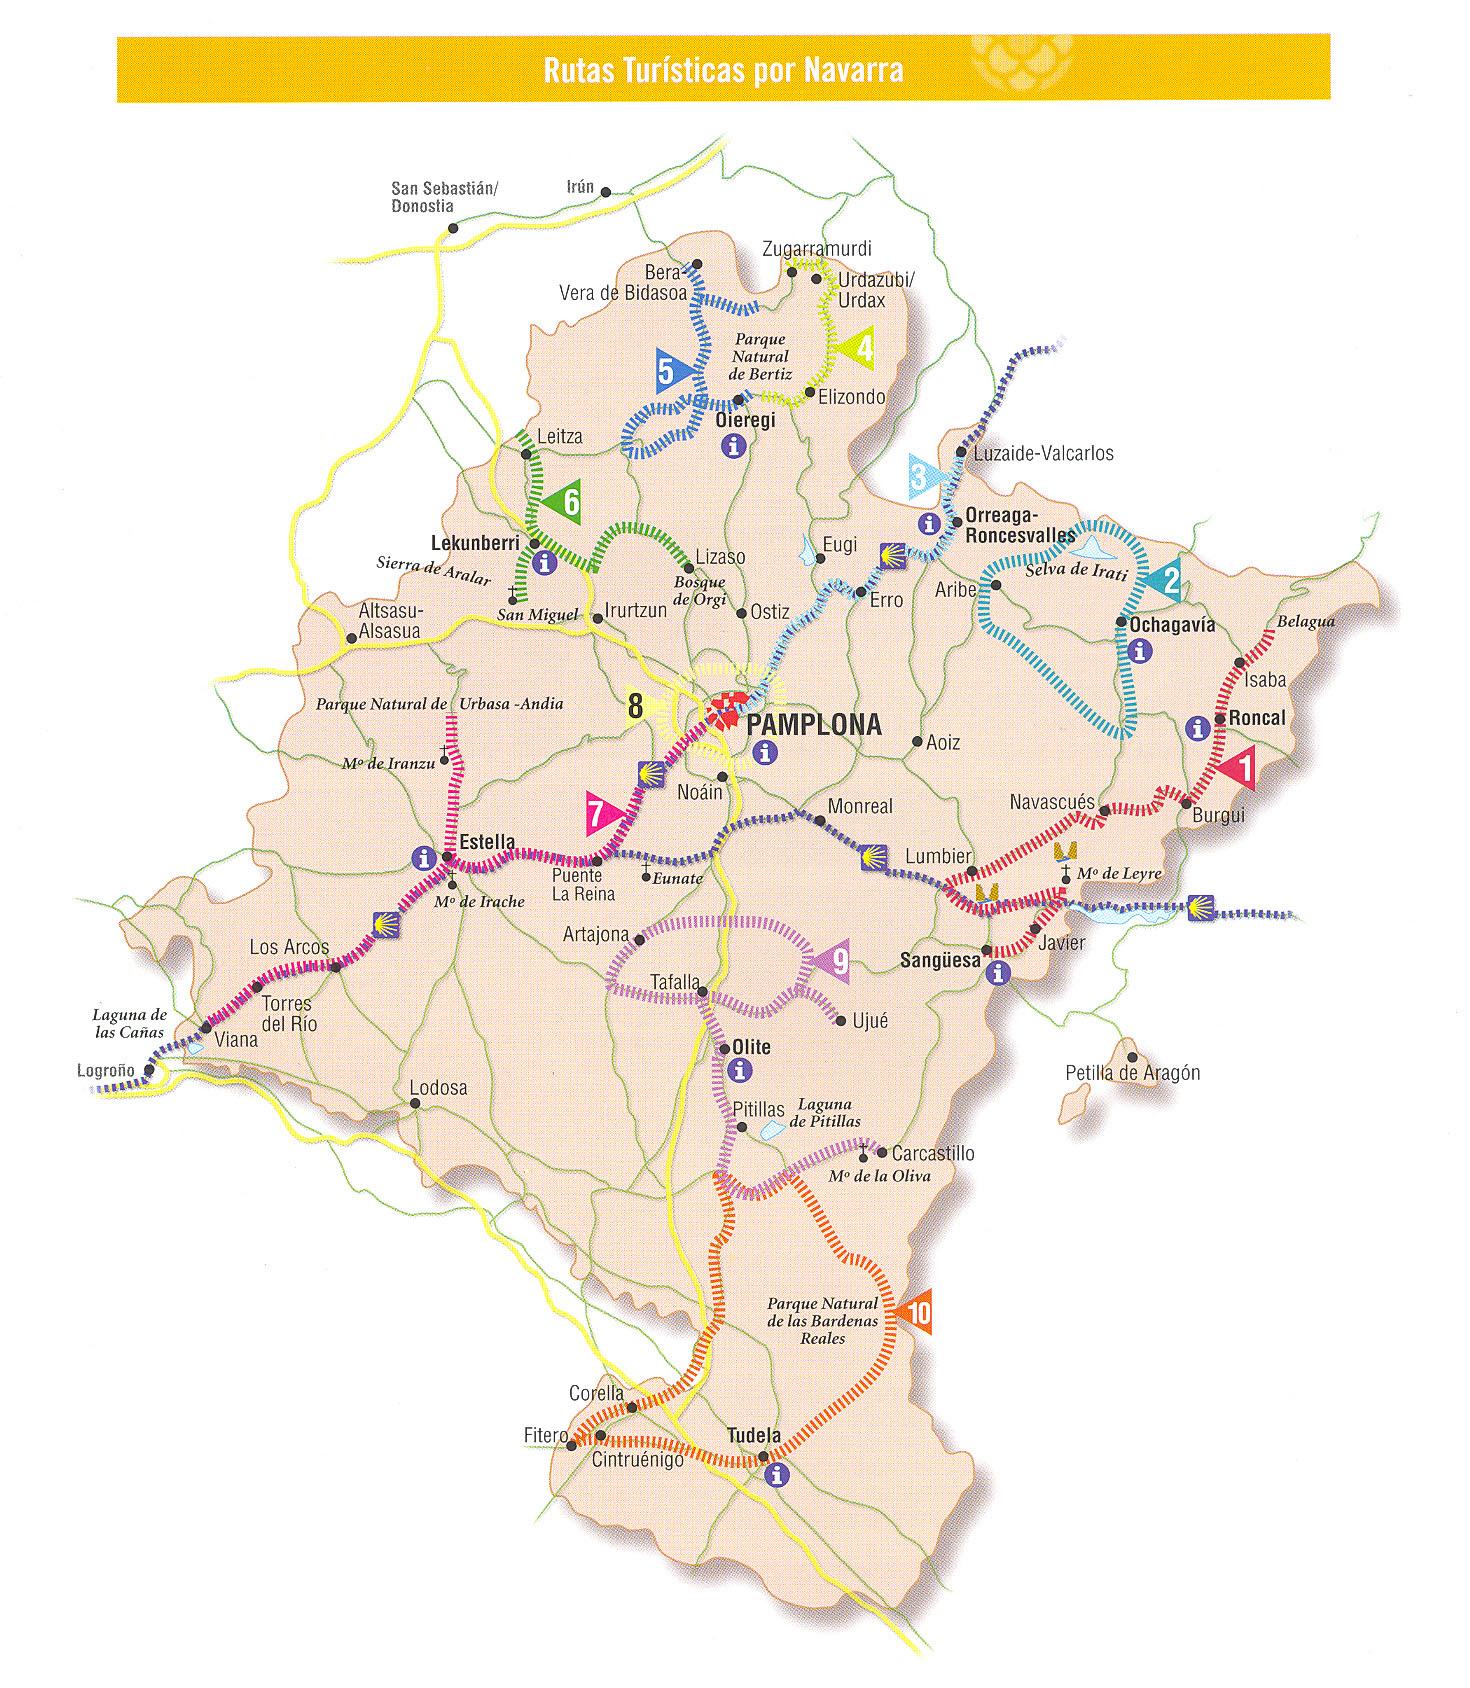 Rutas turísticas de Navarra